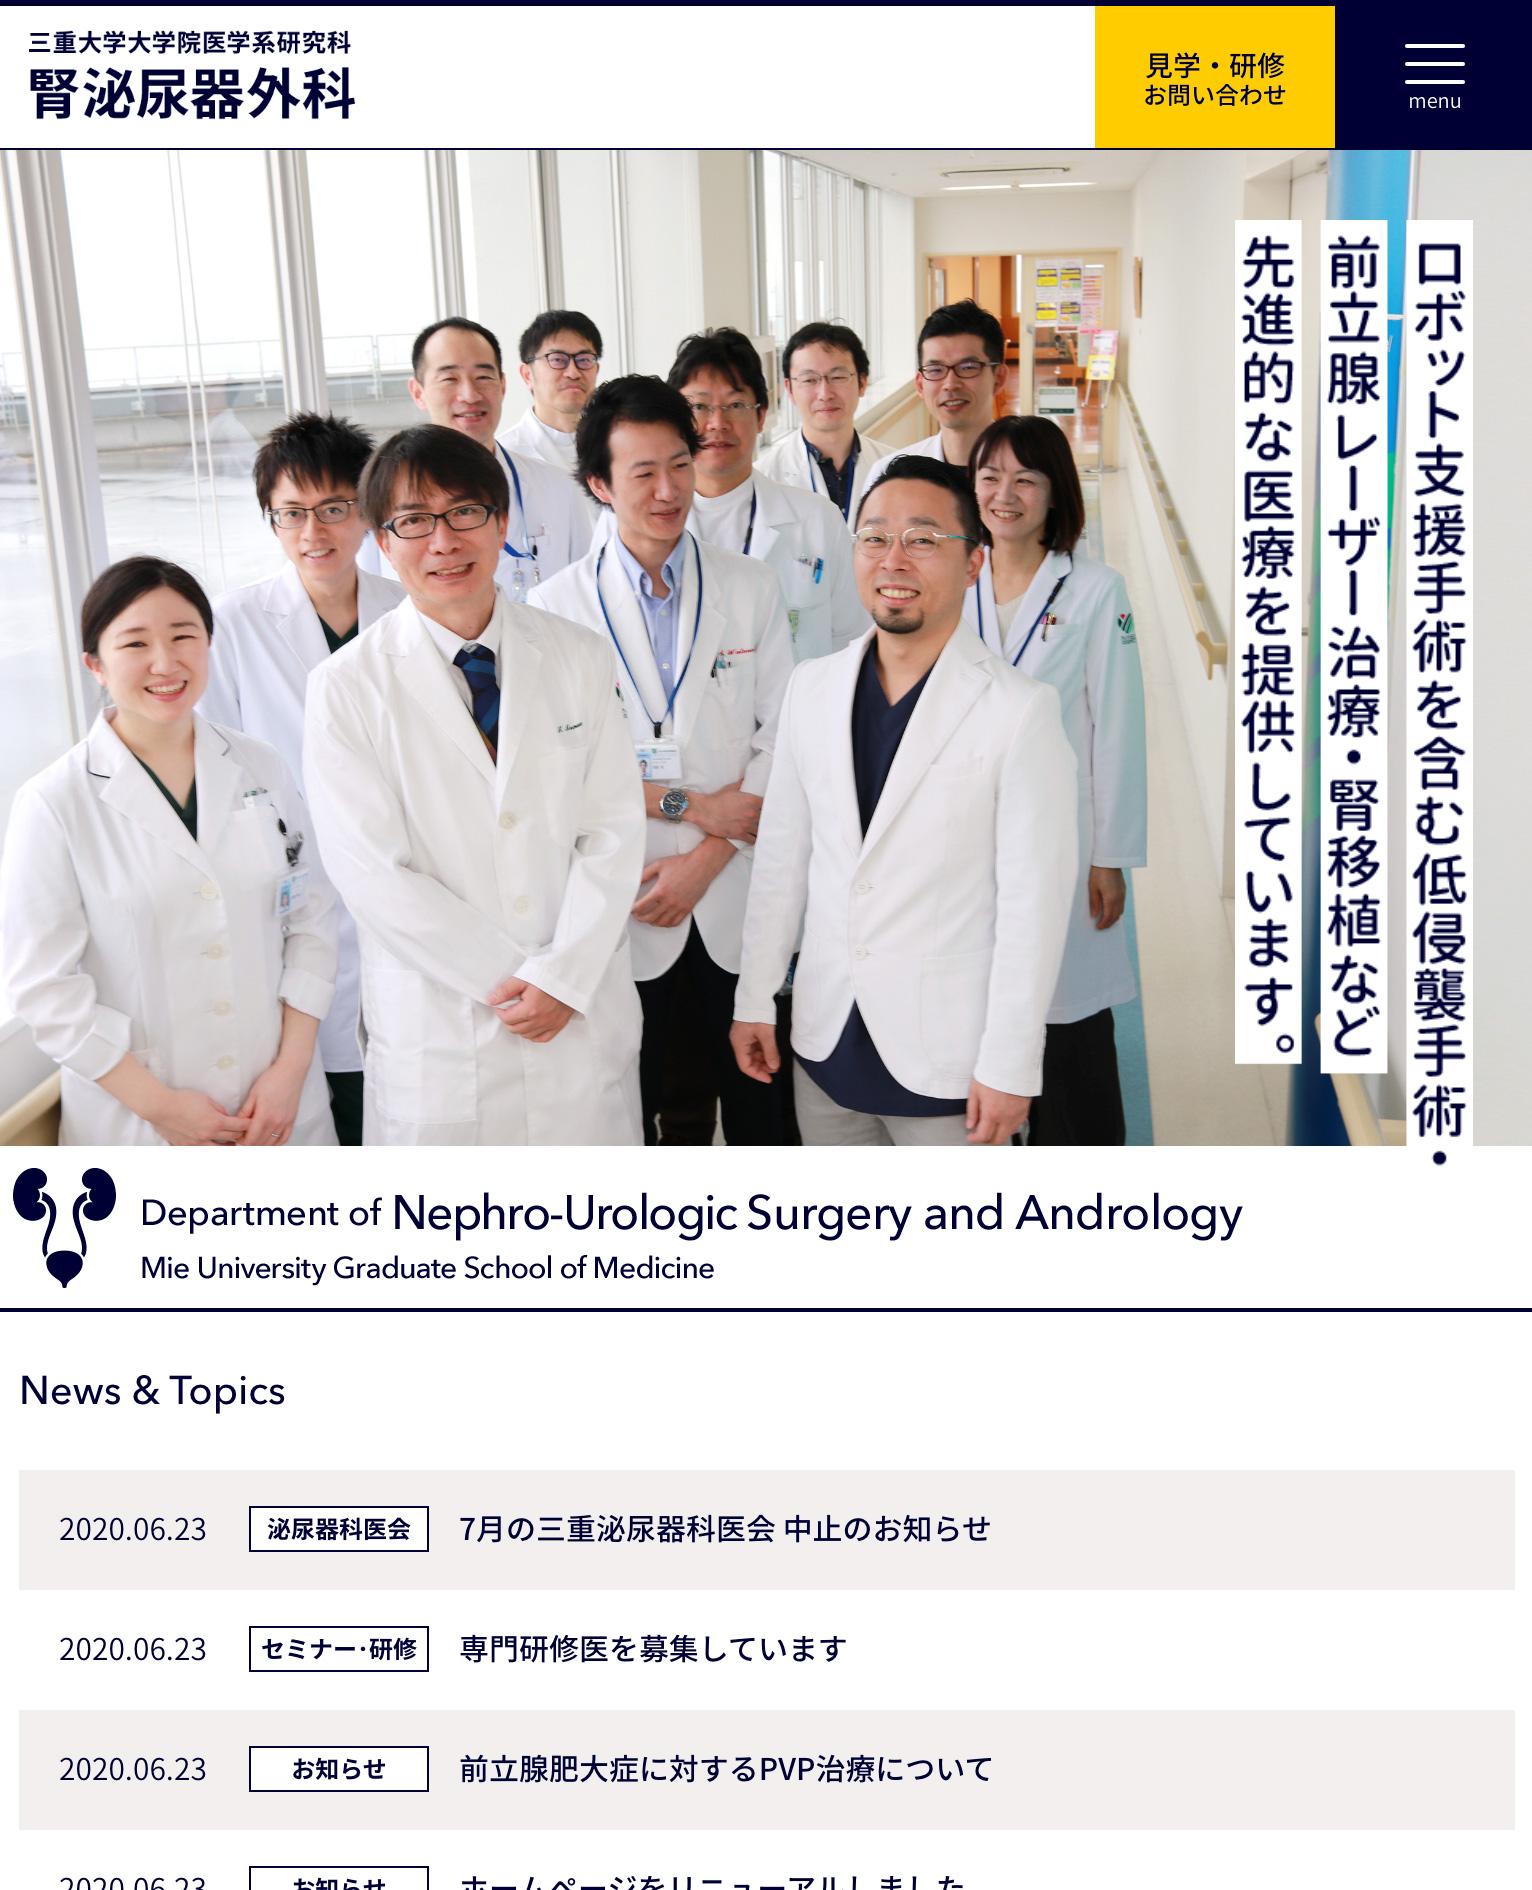 腎泌尿器外科 トップページ PC表示